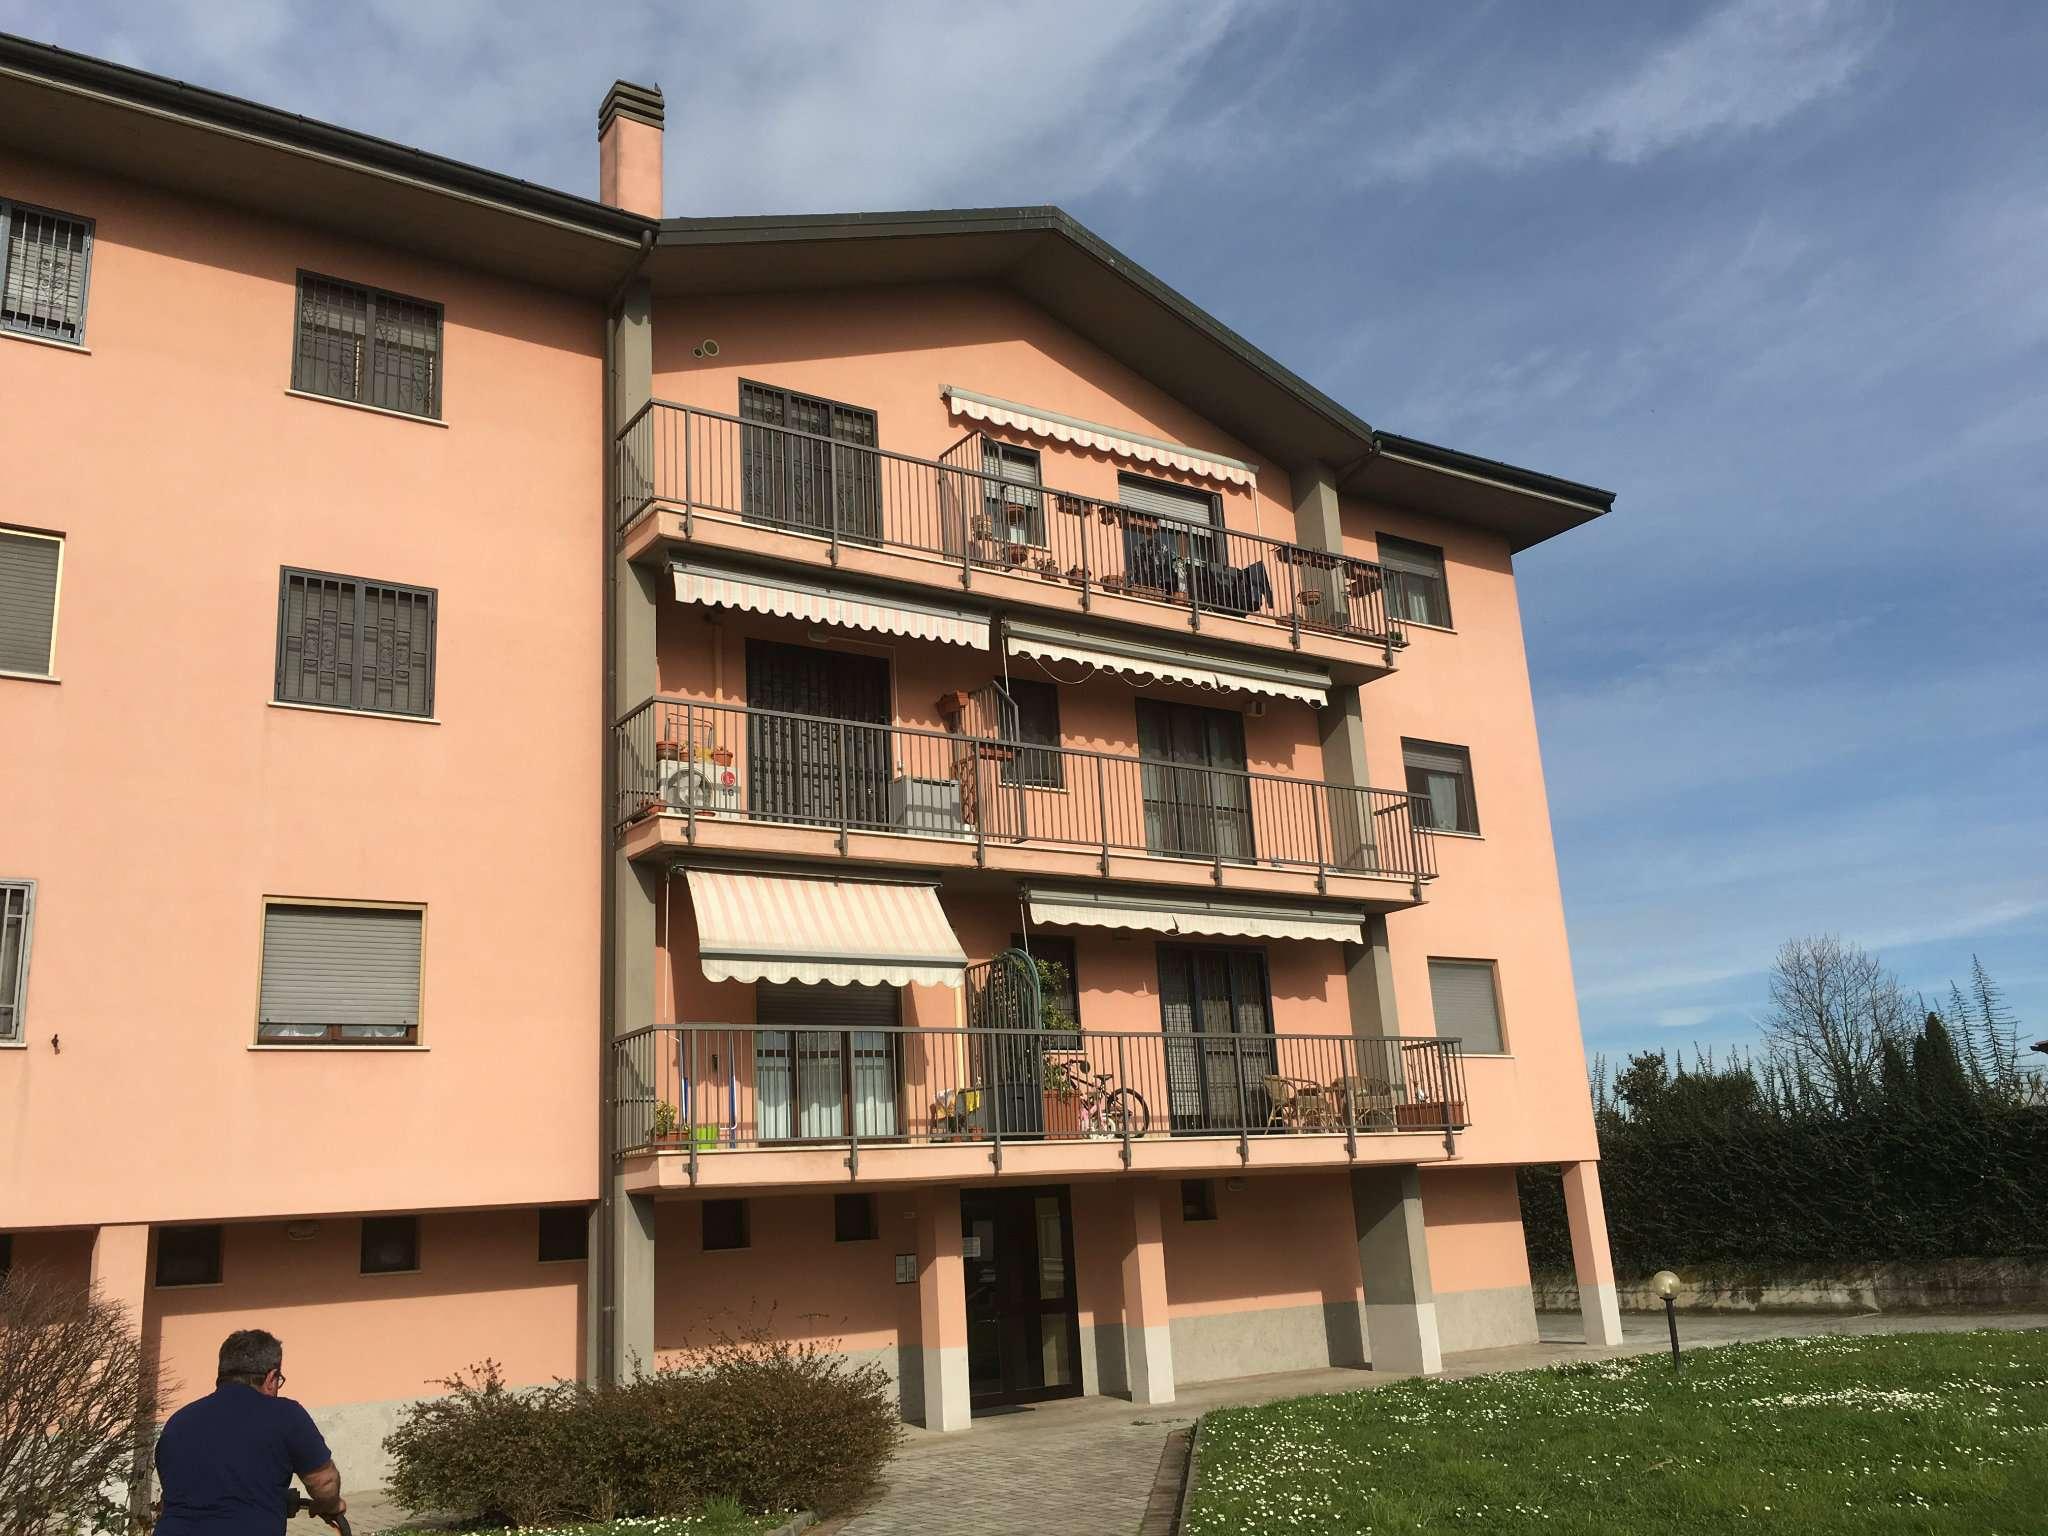 Appartamento in vendita a Colturano, 3 locali, prezzo € 159.000 | CambioCasa.it